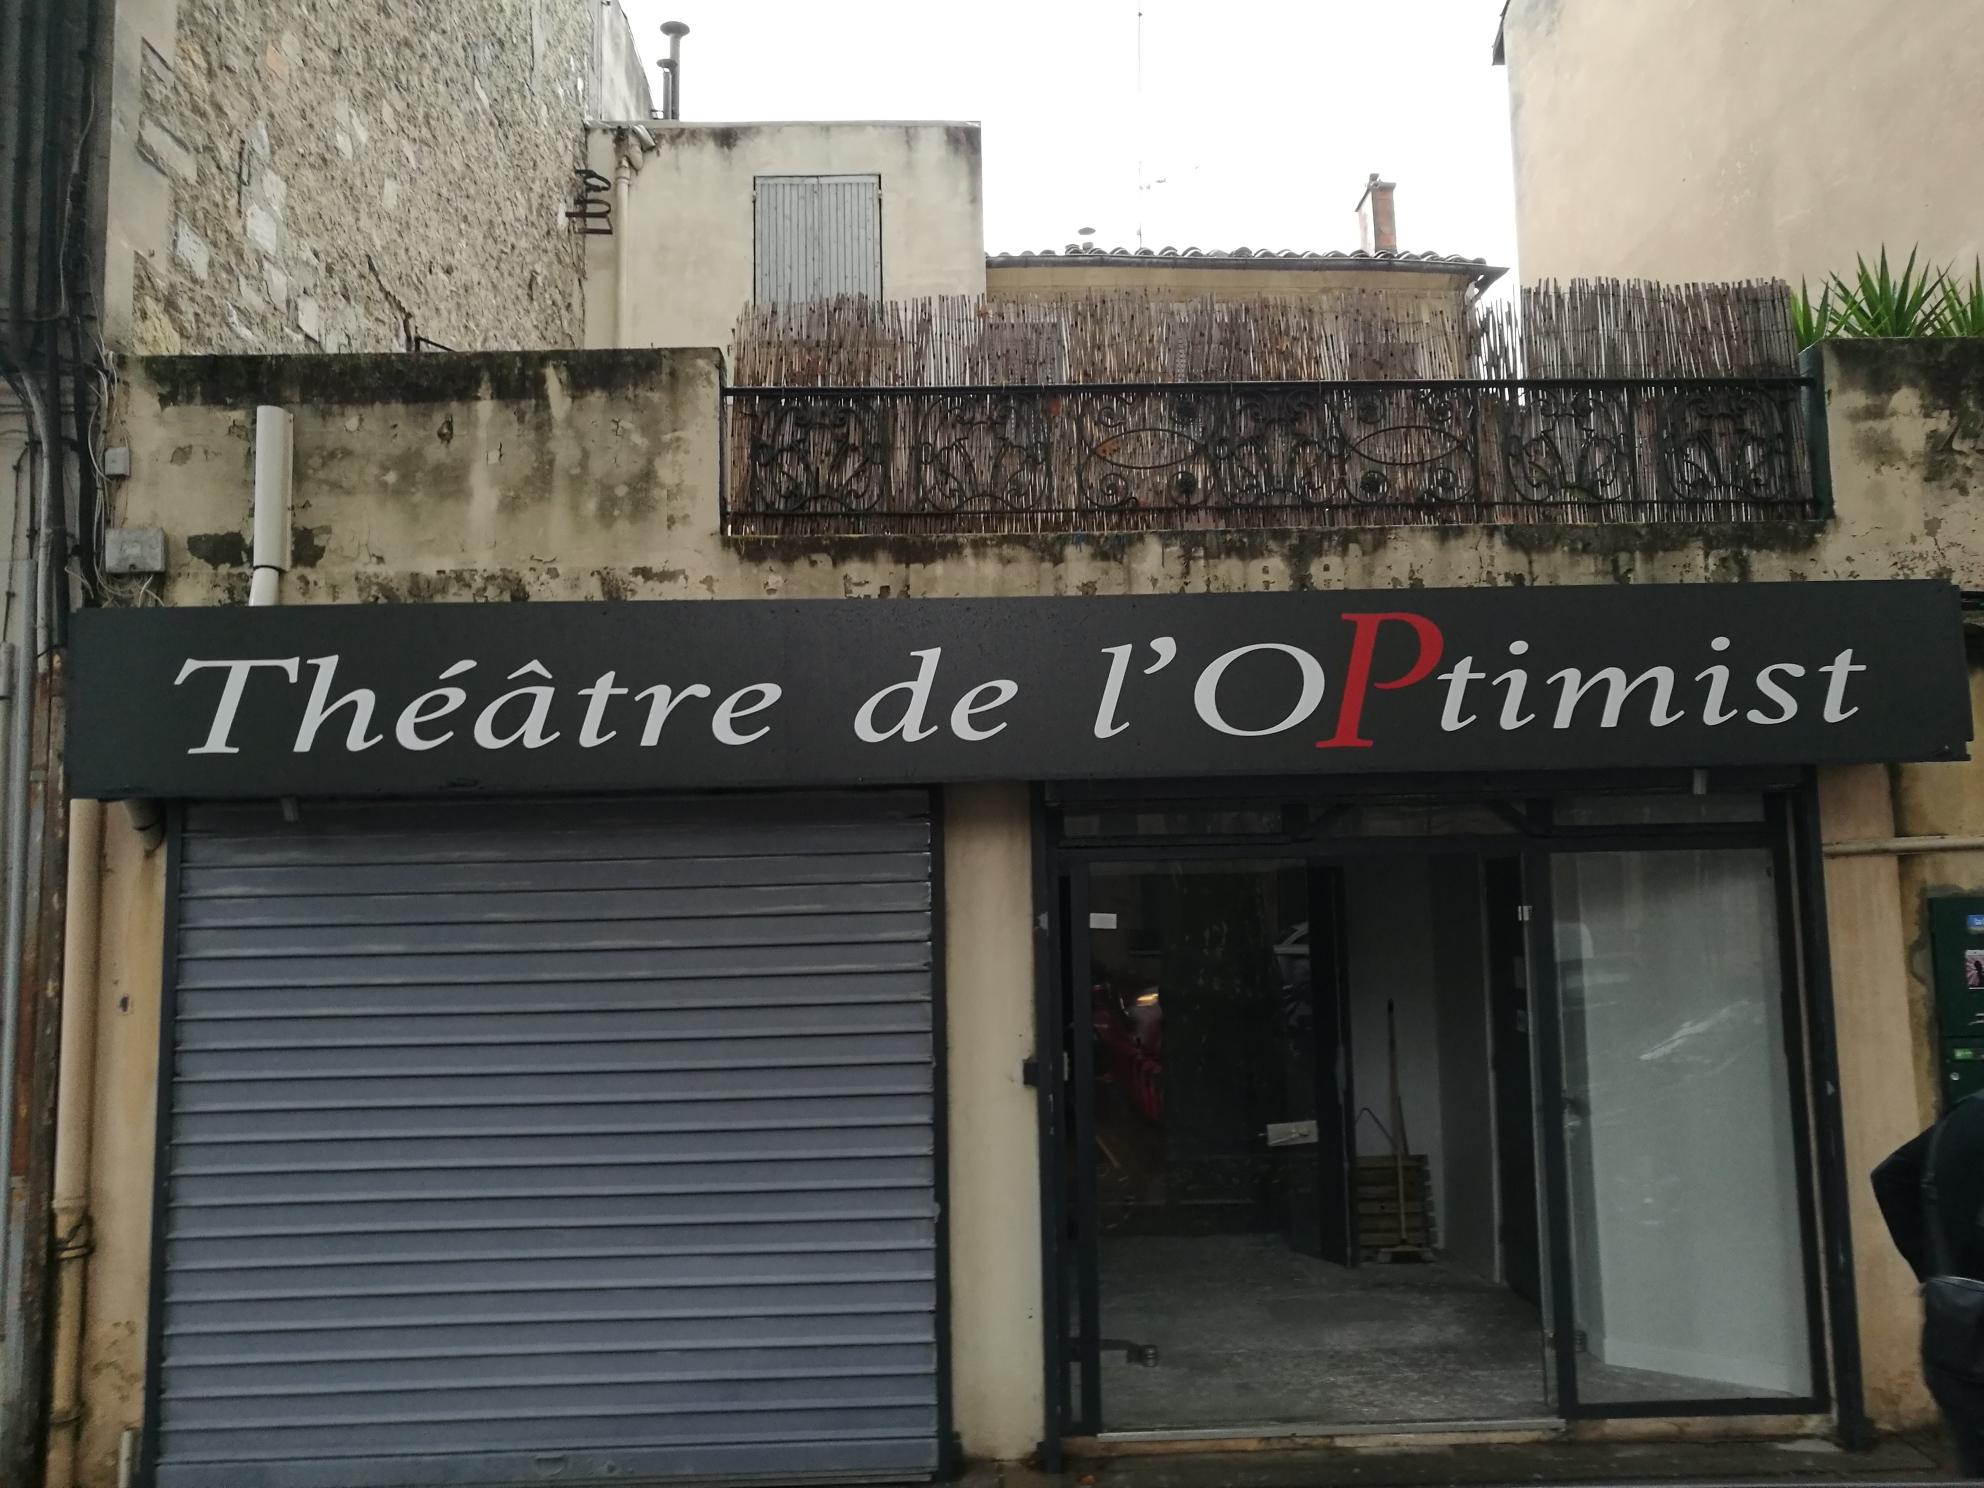 Vitrine - Théâtre de l'optimist